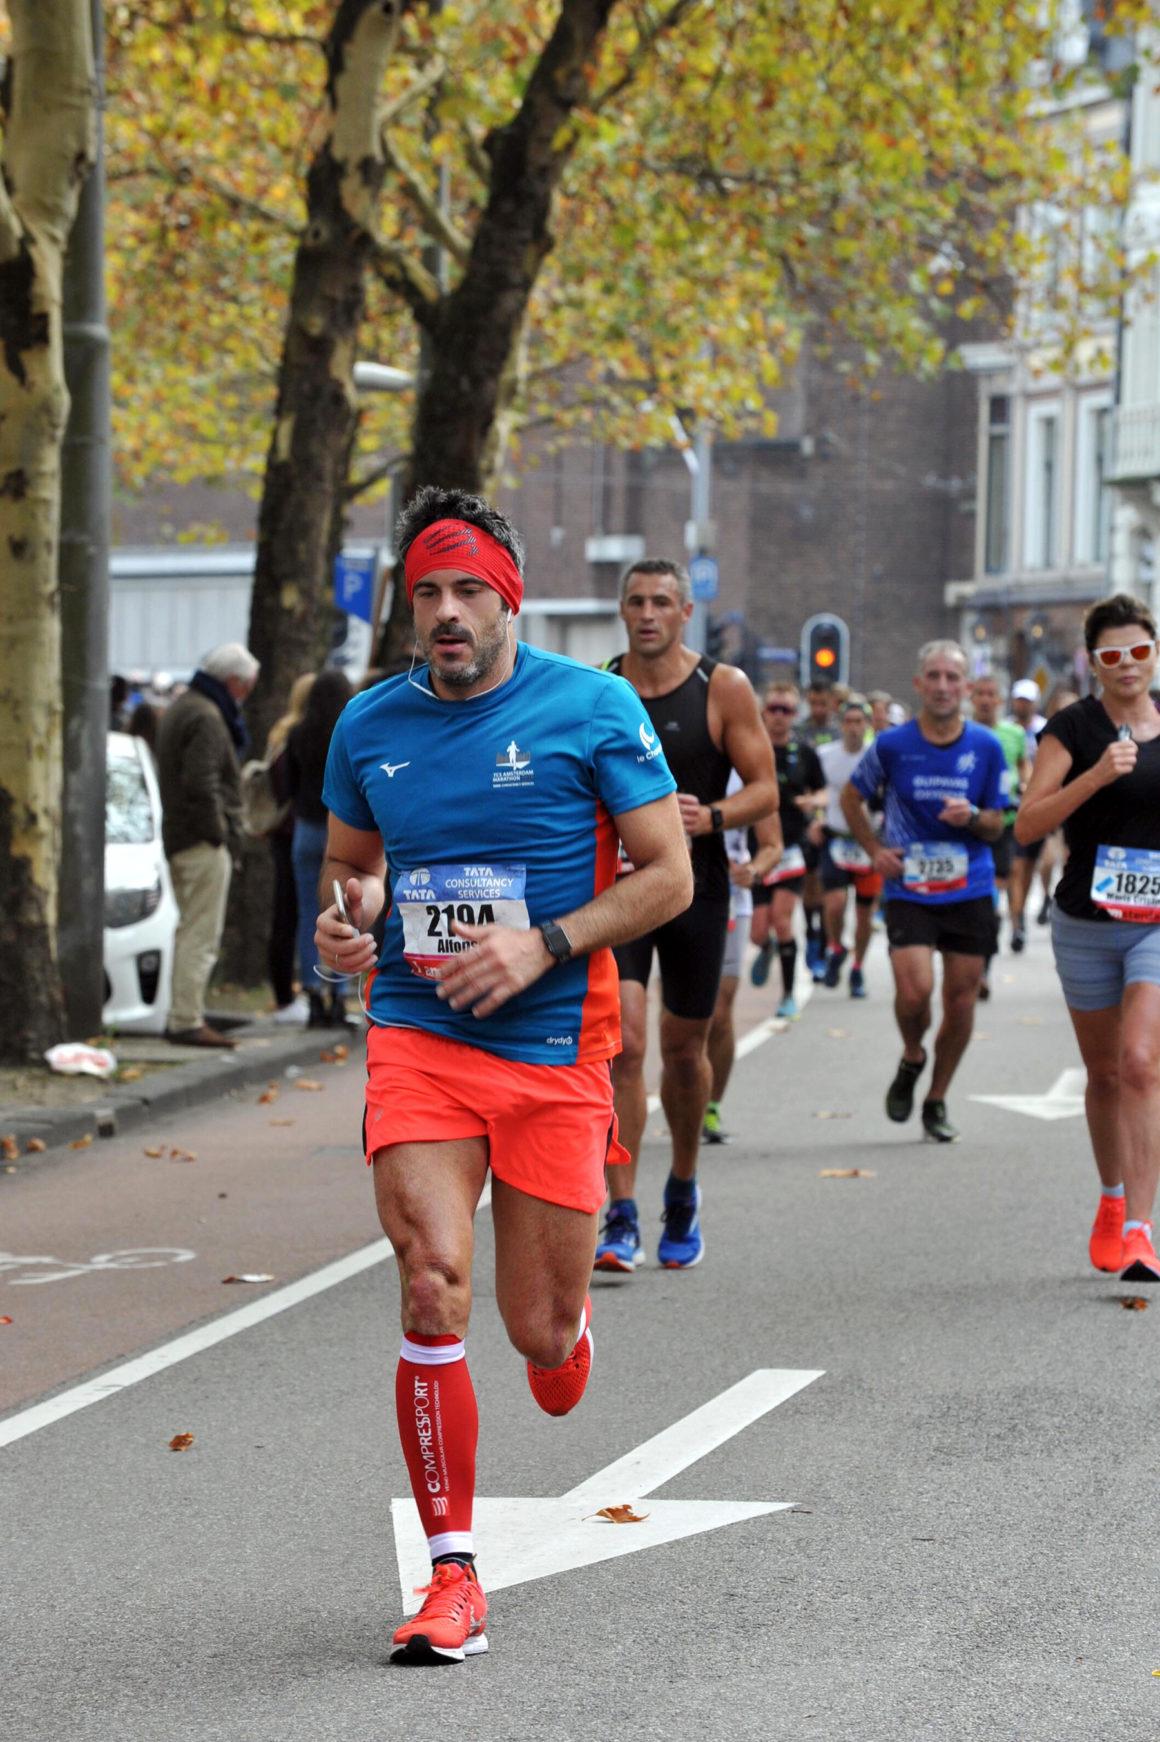 marathon maraton amsterdam maratón de amsterdam - marathon maraton amsterdam 06 1160x1742 - Correr el Maratón de Amsterdam: análisis, recorrido, entrenamiento y recomendaciones de viaje